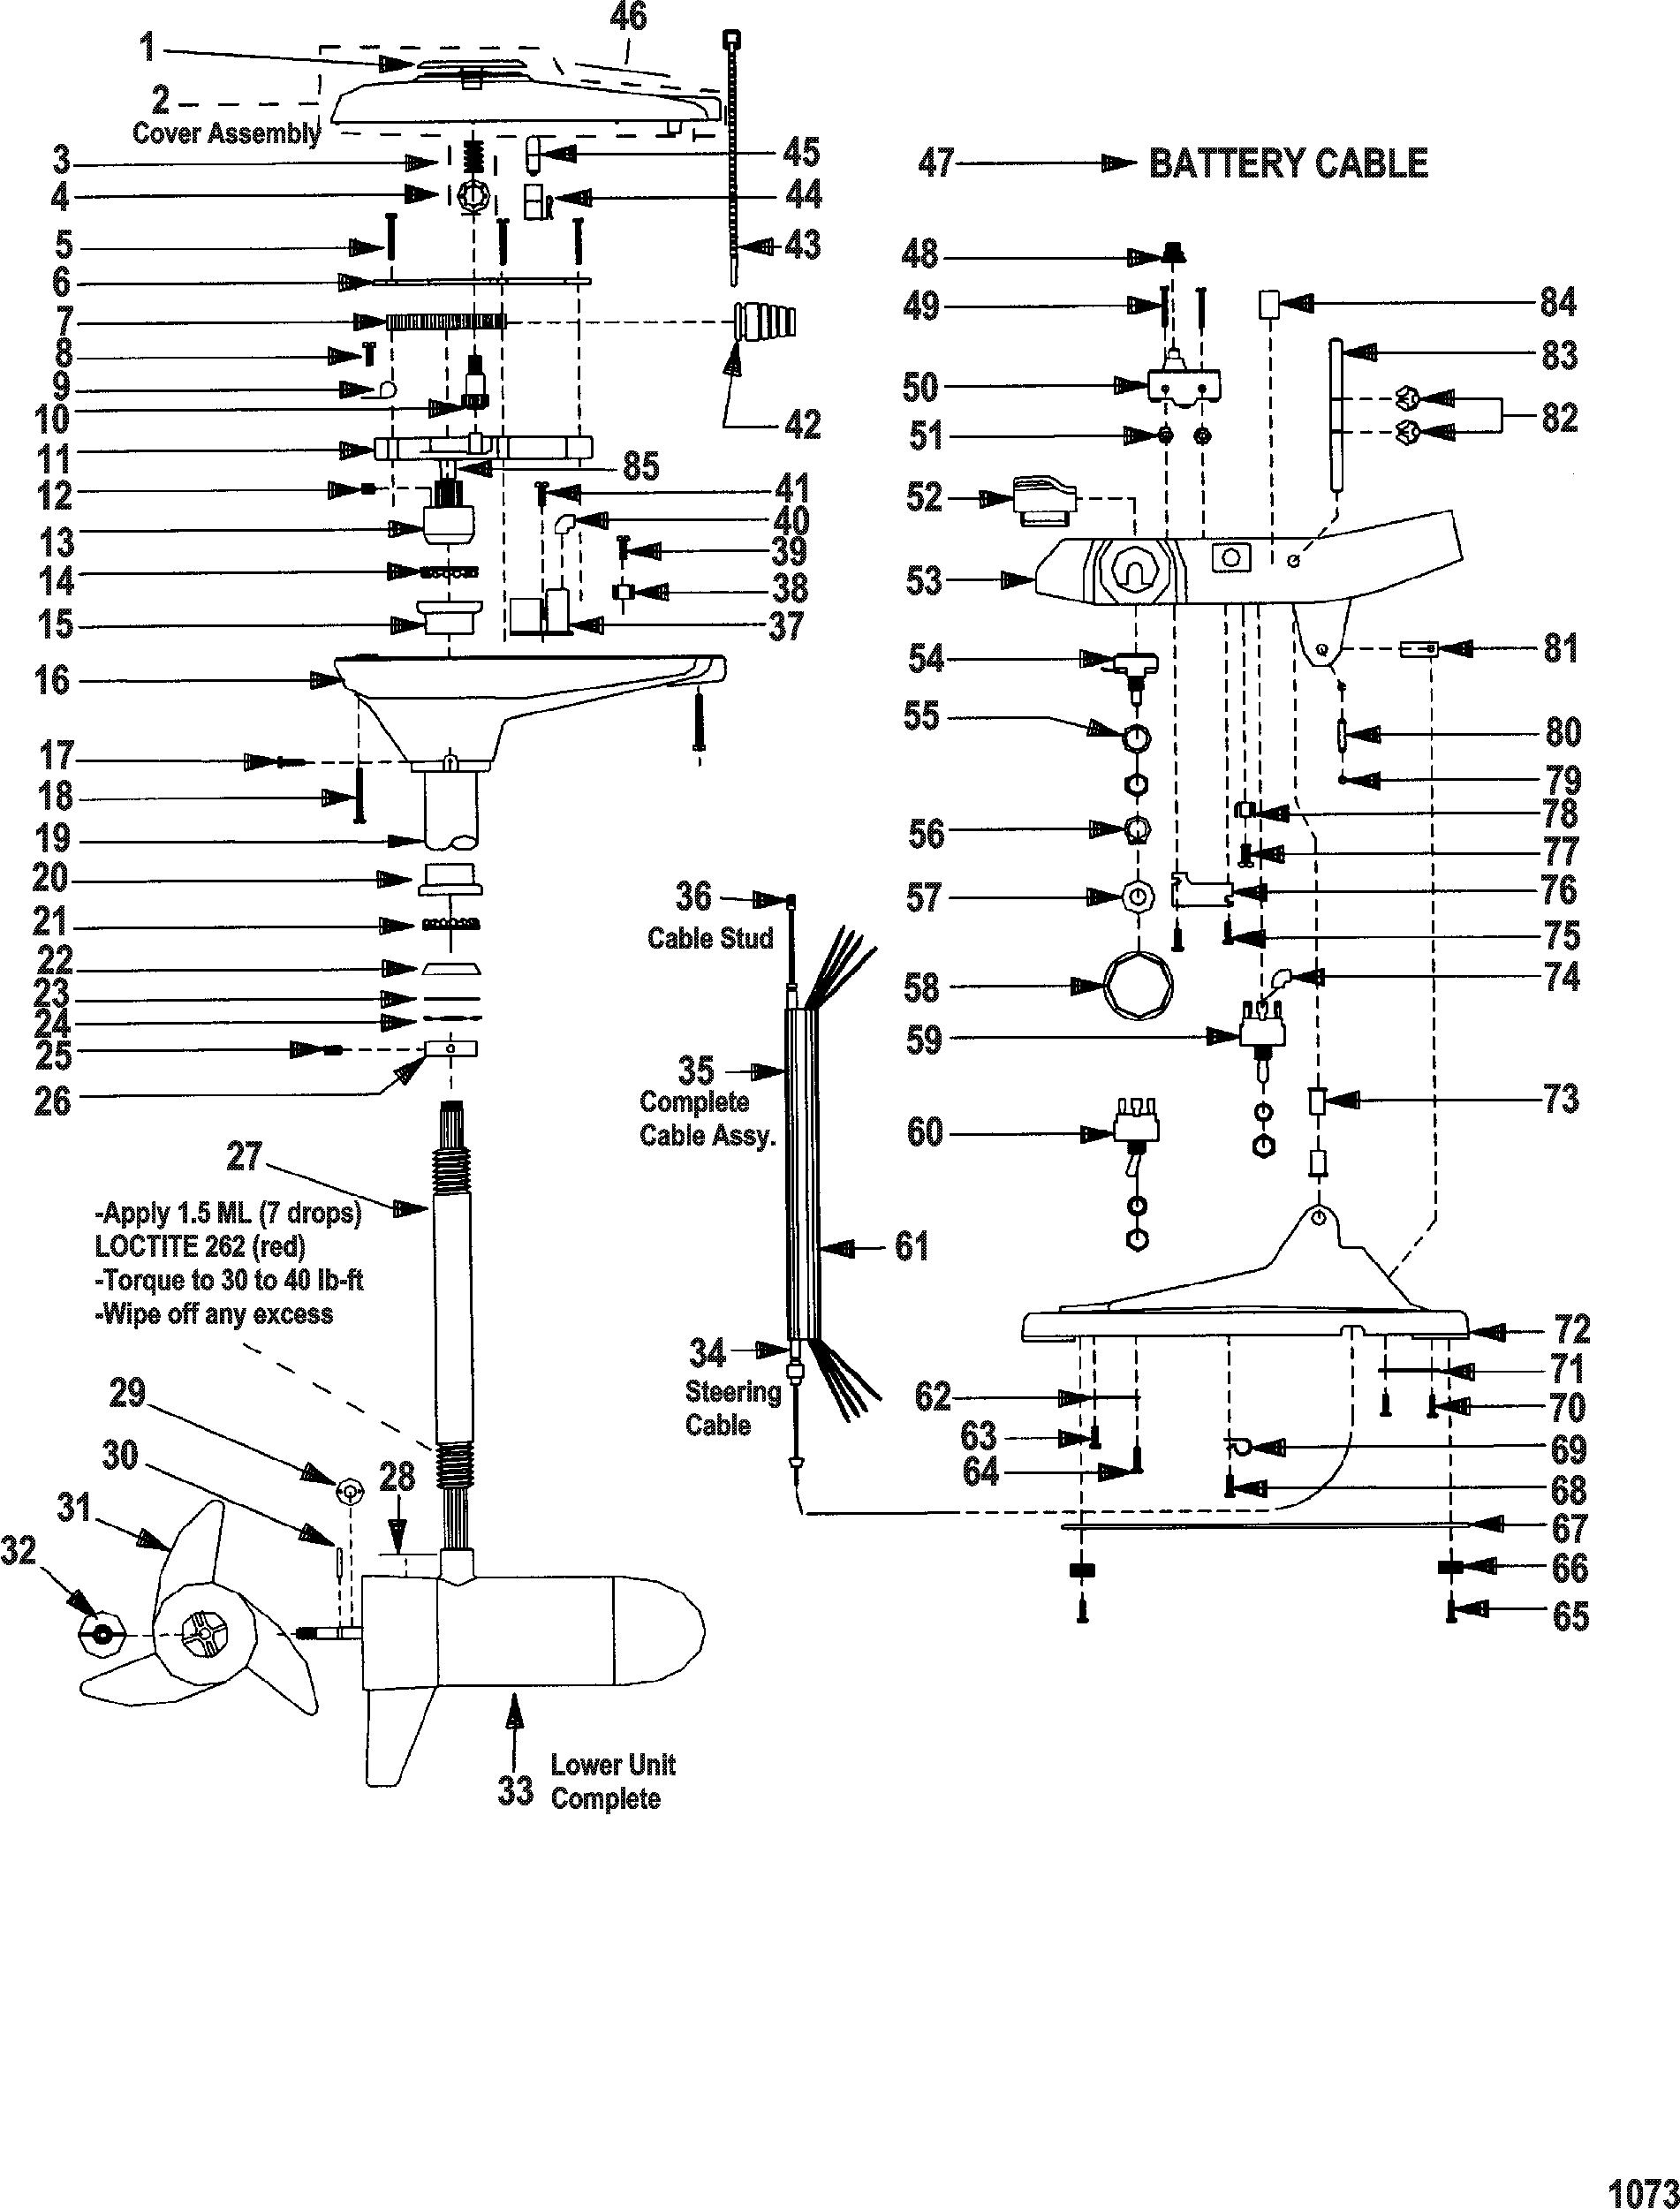 Complete trolling motor model gwf67v 24 volt for for Minn kota great white trolling motor